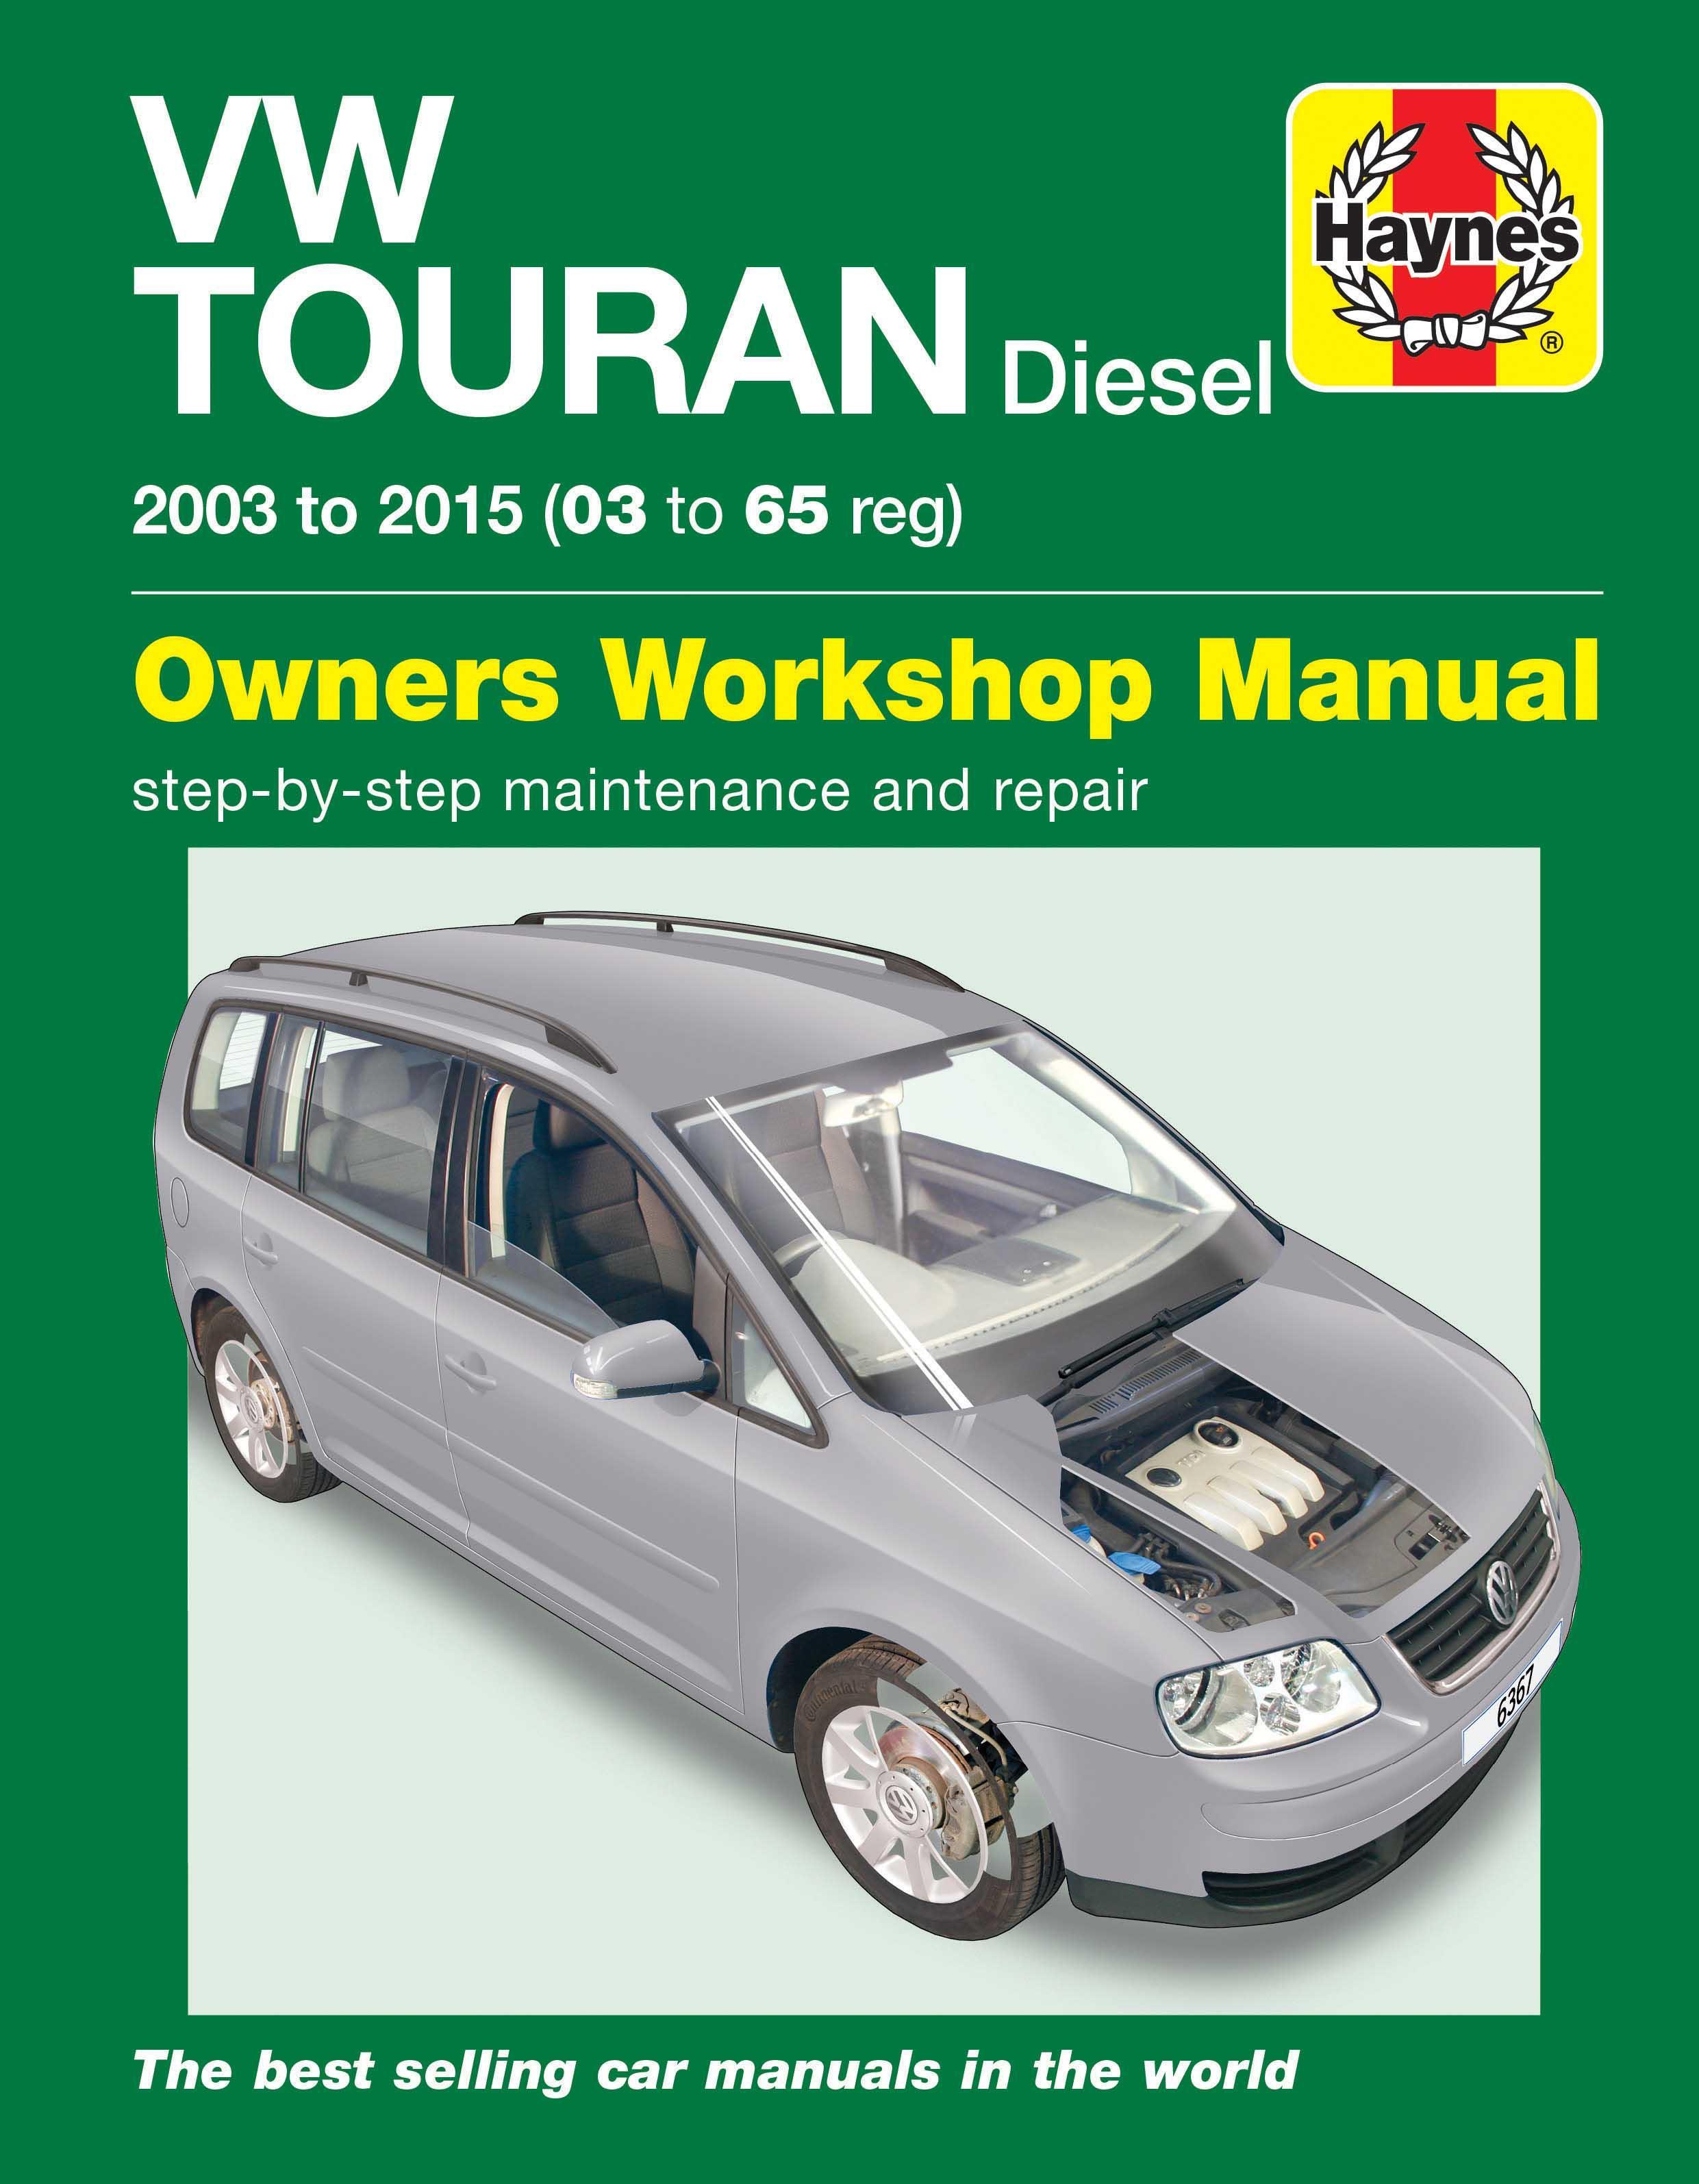 haynes vw touran diesel 03 15 m rh halfords com manual vw touran 2011 manual vw touran